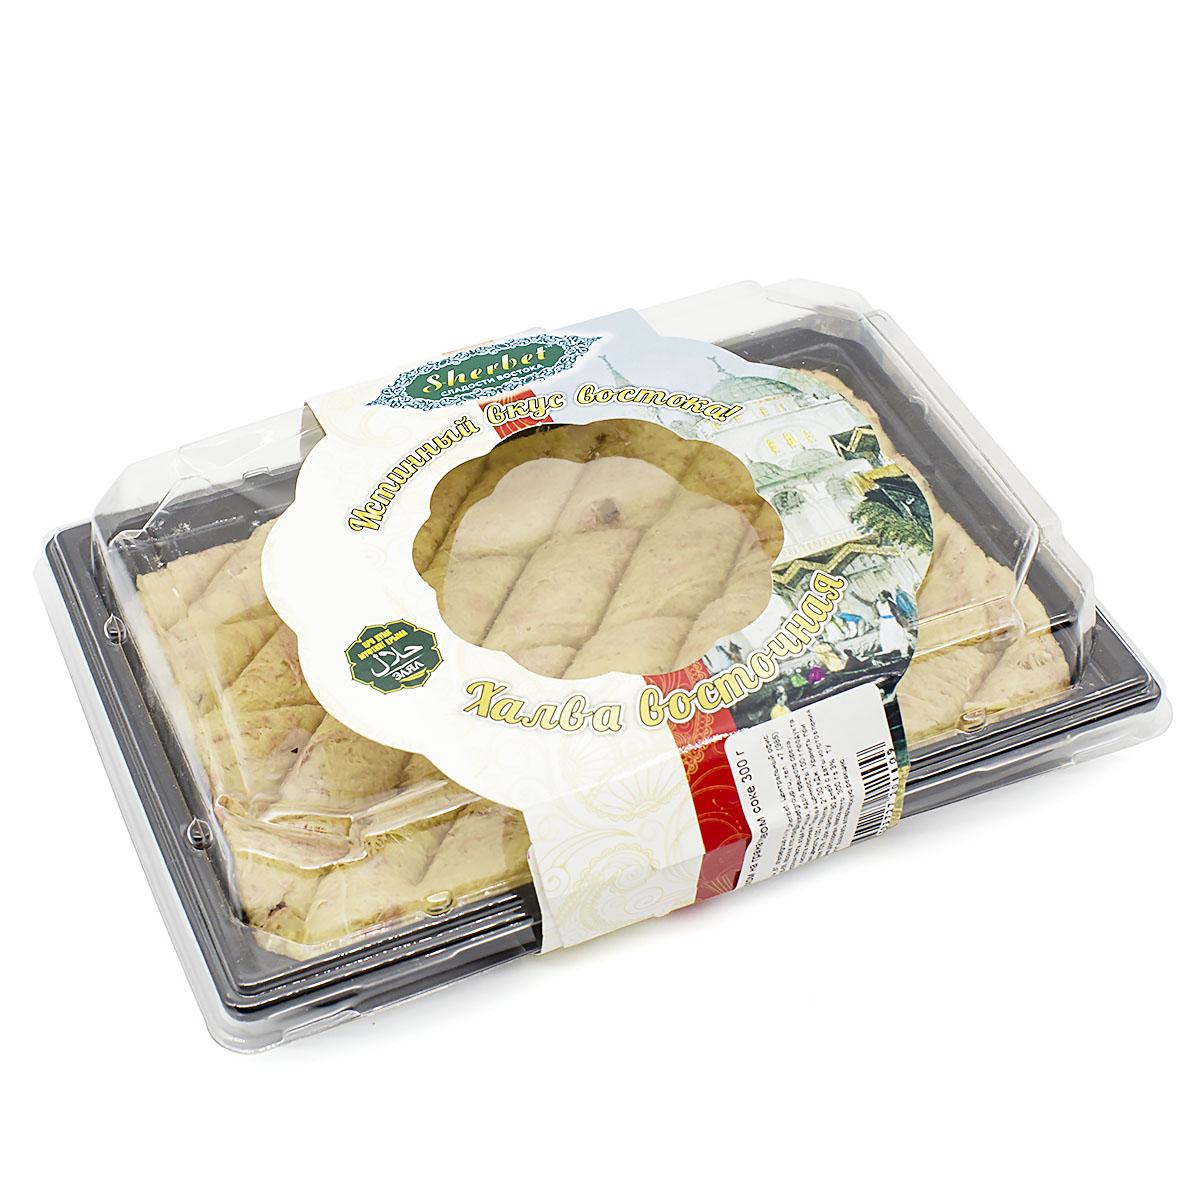 Купить со скидкой Халва арахисовая с грецким орехом на гранатовом соке, 300 г (уцененный товар)